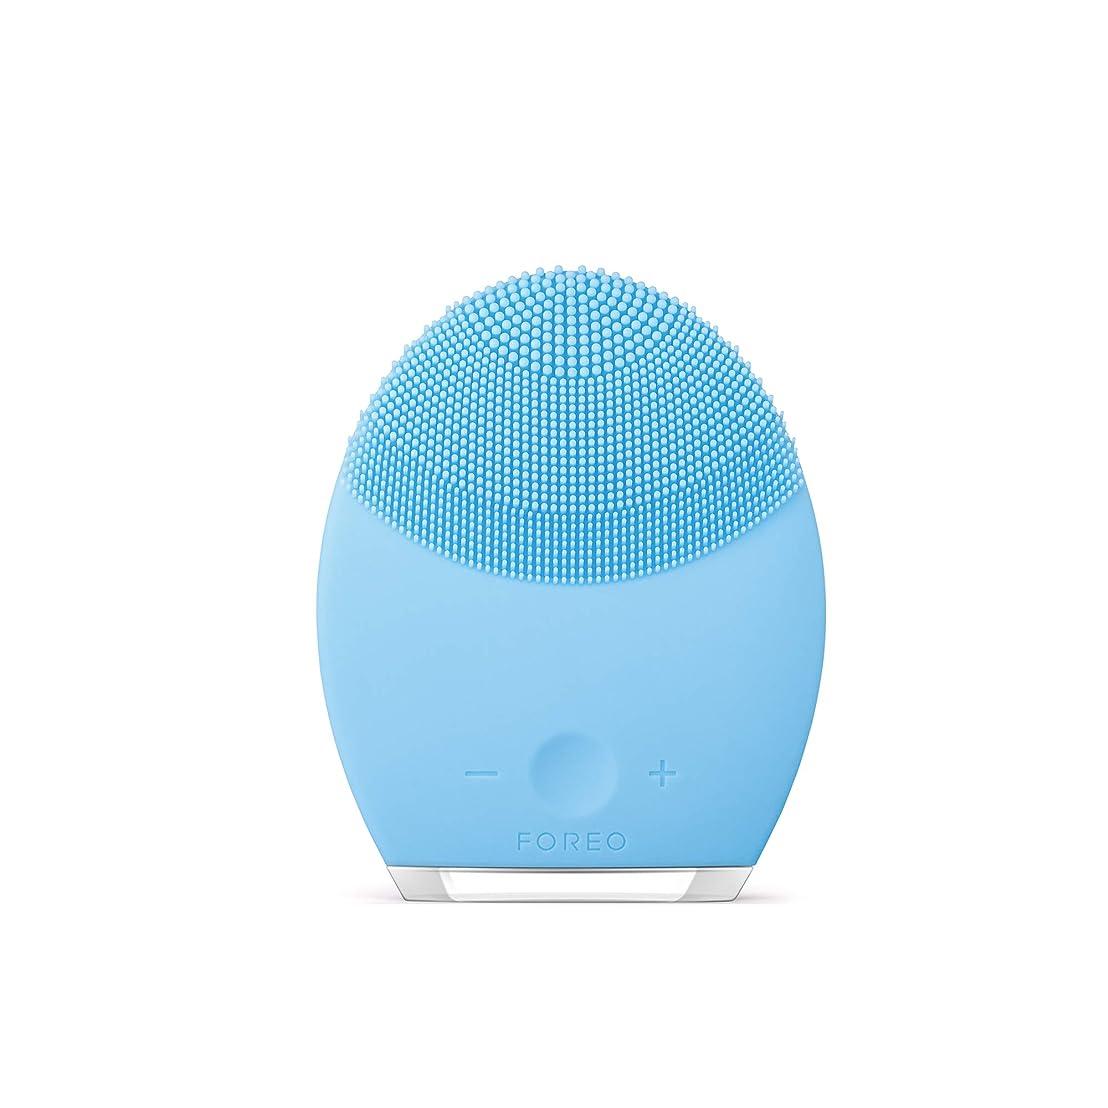 突進一見ターミナルFOREO LUNA 2 for コンビネーションスキン 電動洗顔ブラシ シリコーン製 音波振動 エイジングケア※